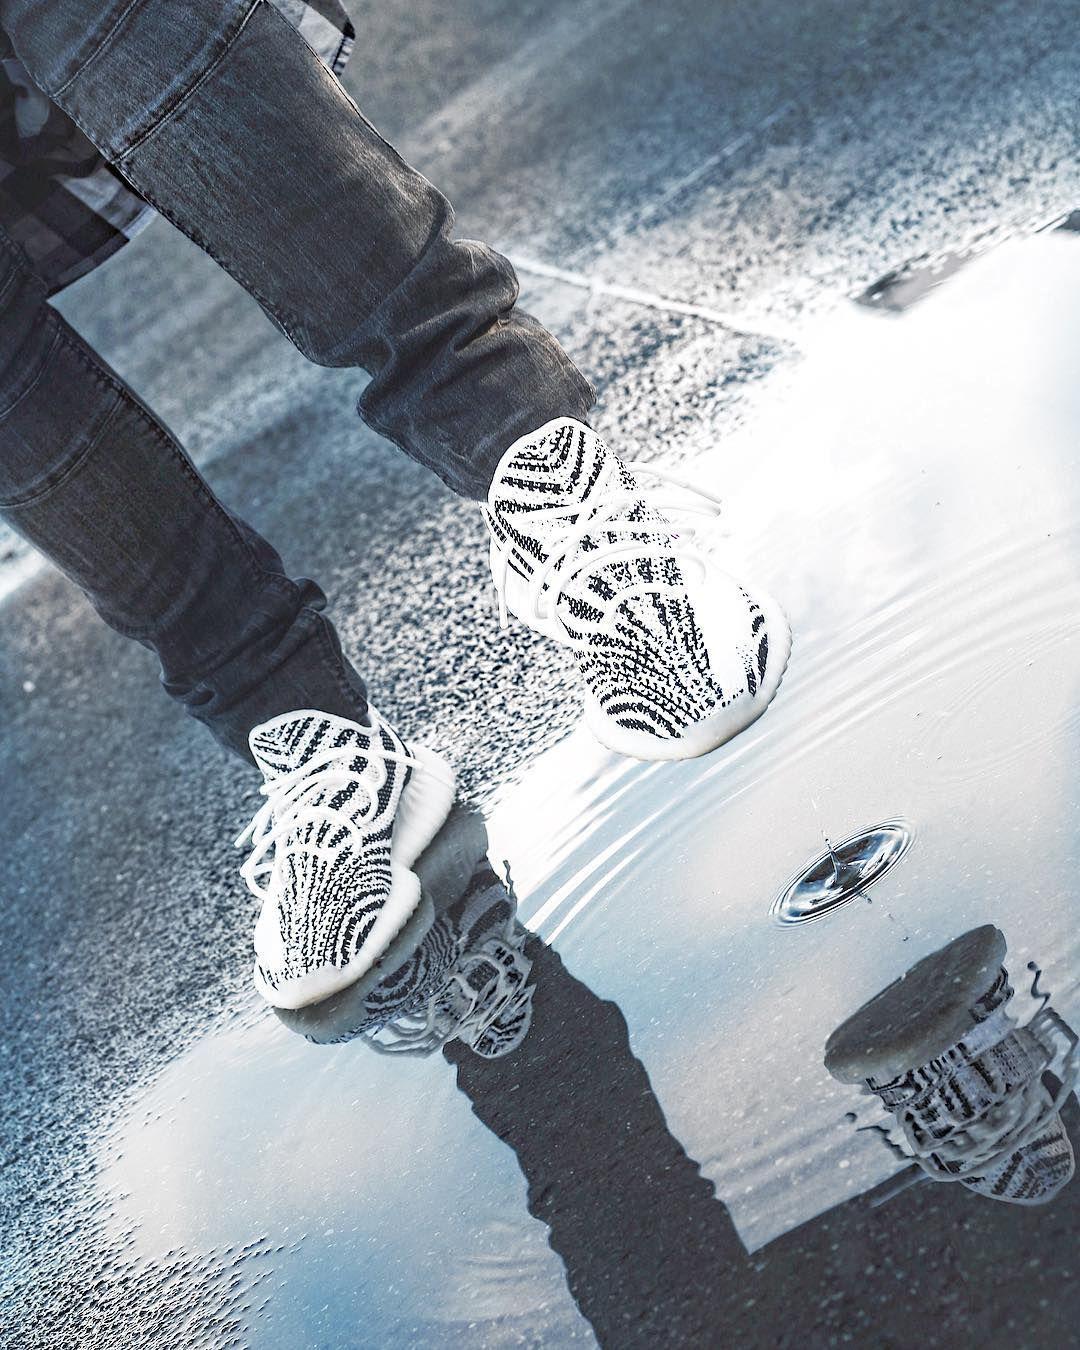 Whiteoptix Adidas Yeezy boost 350 zebra sneaker by Kanye